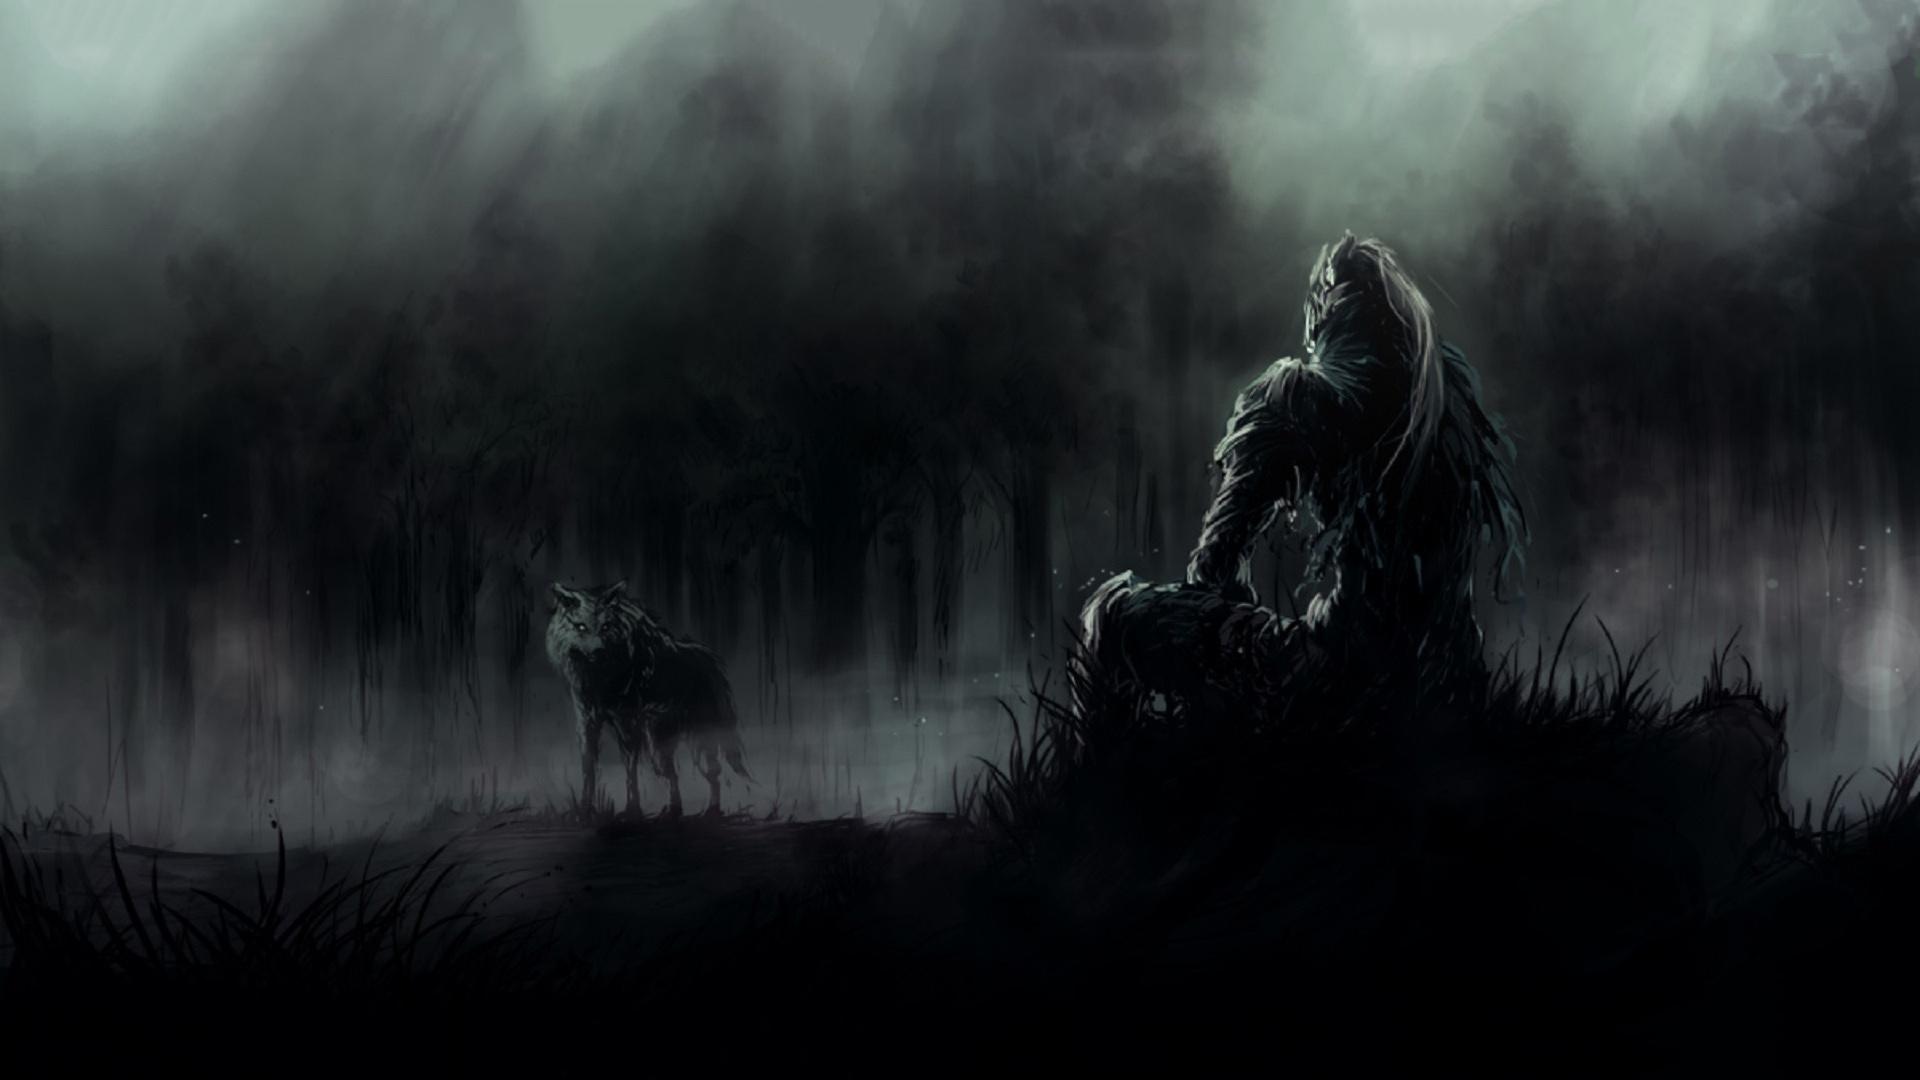 Dark Souls 3 HD Wallpaper 1920x1080